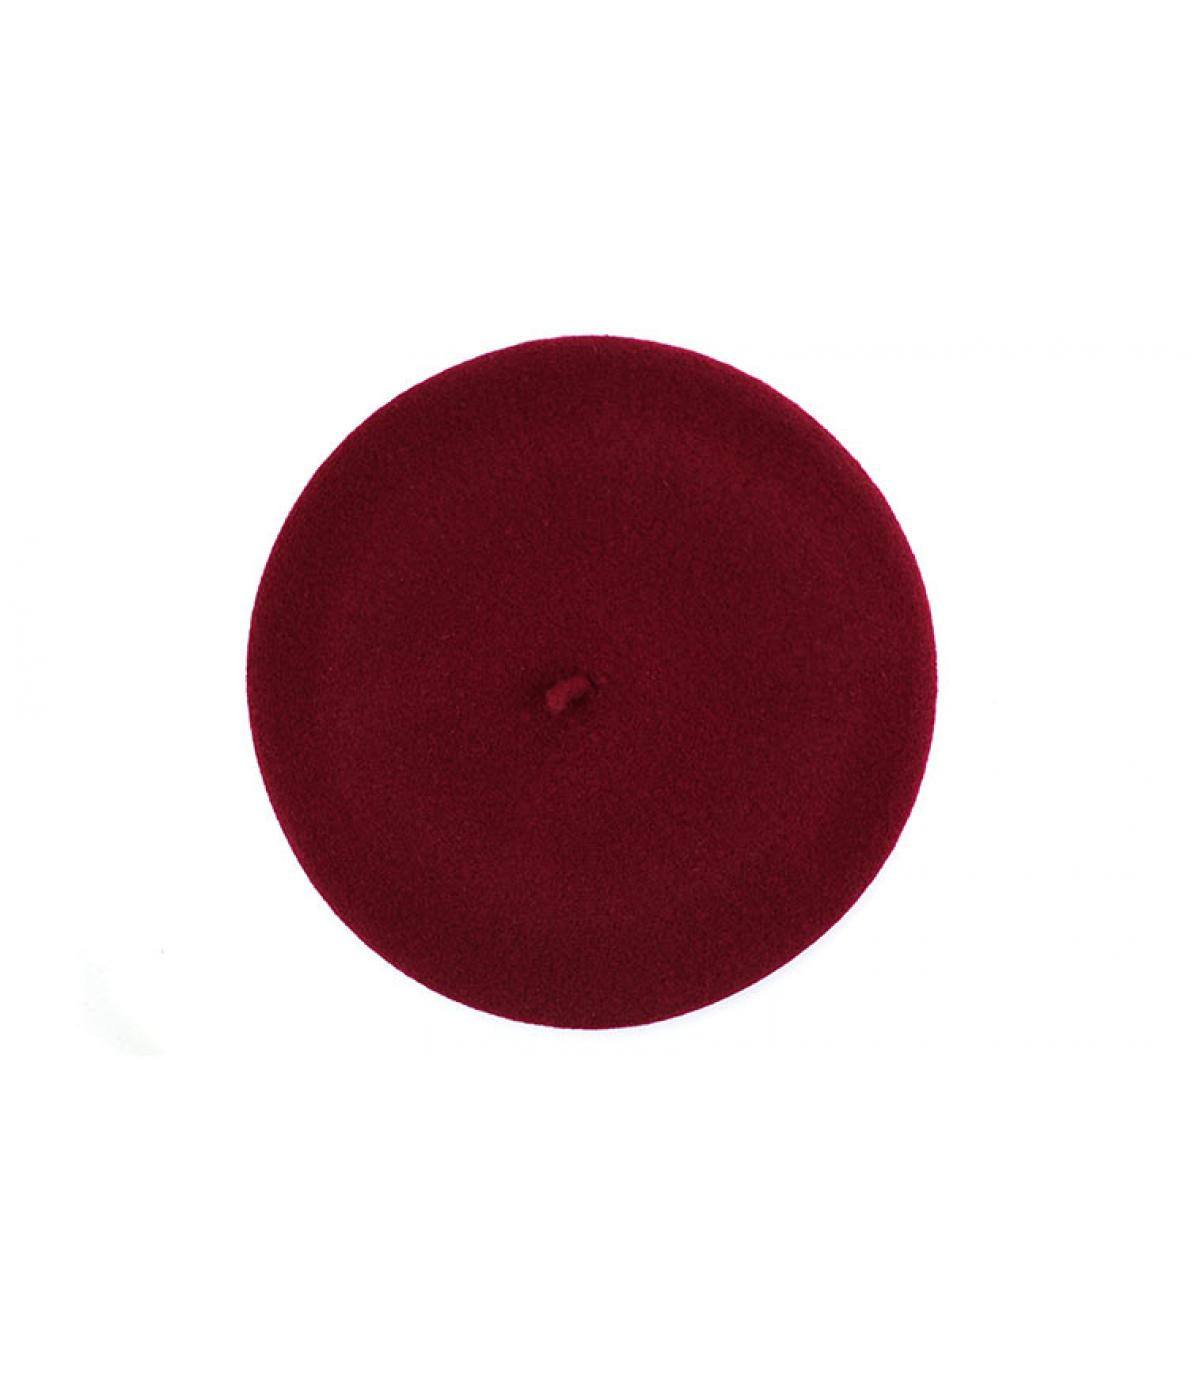 d0a1f2167cab3 Men red beret - L authentique burgundy by Héritage par Laulhère. Headict